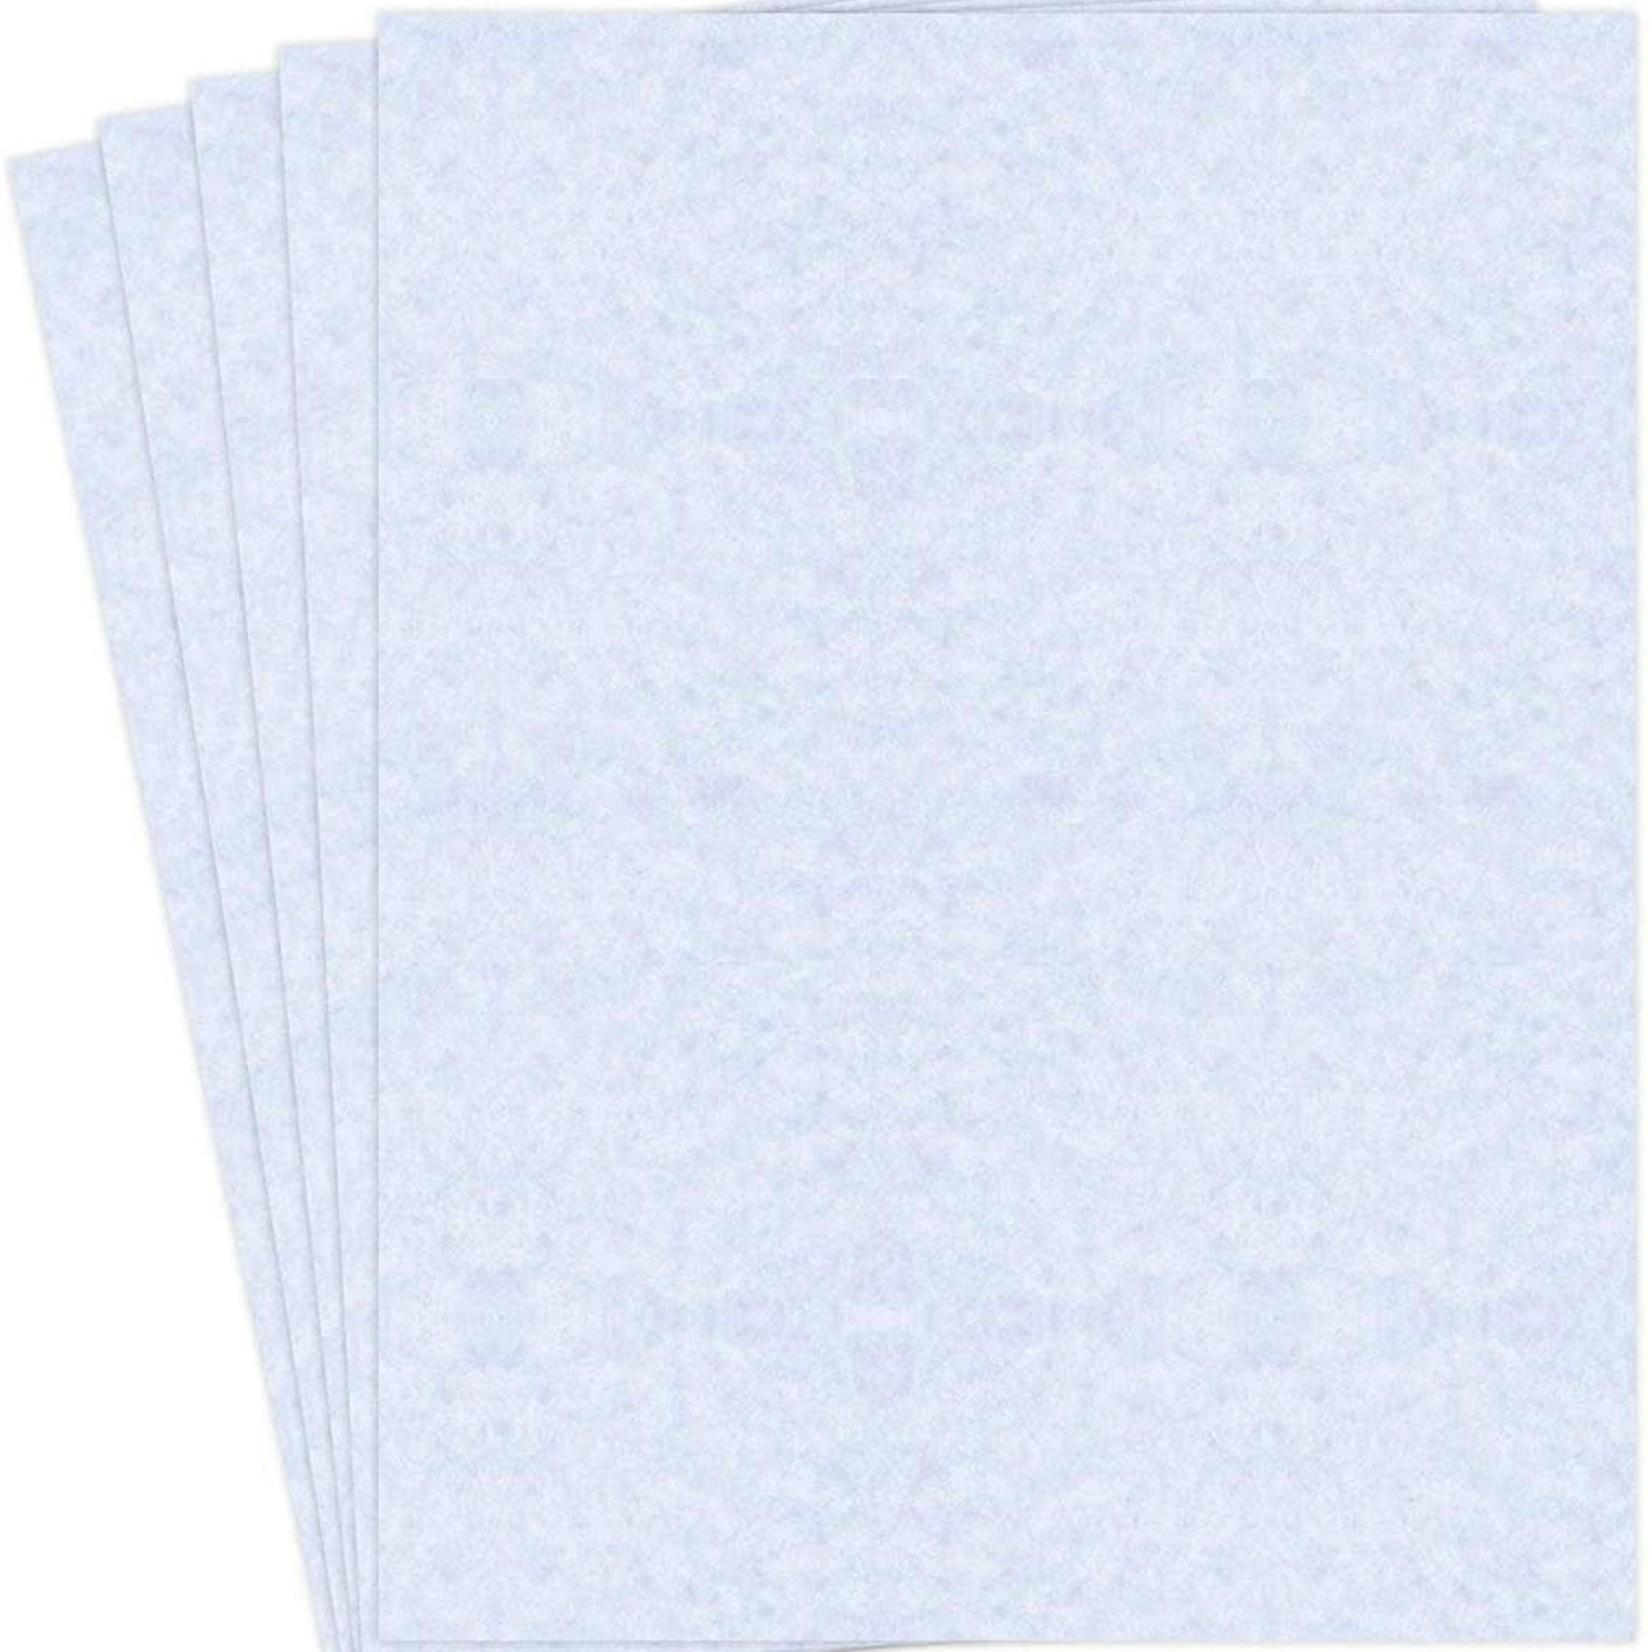 Blessed Parchment Paper 4PC - Blue